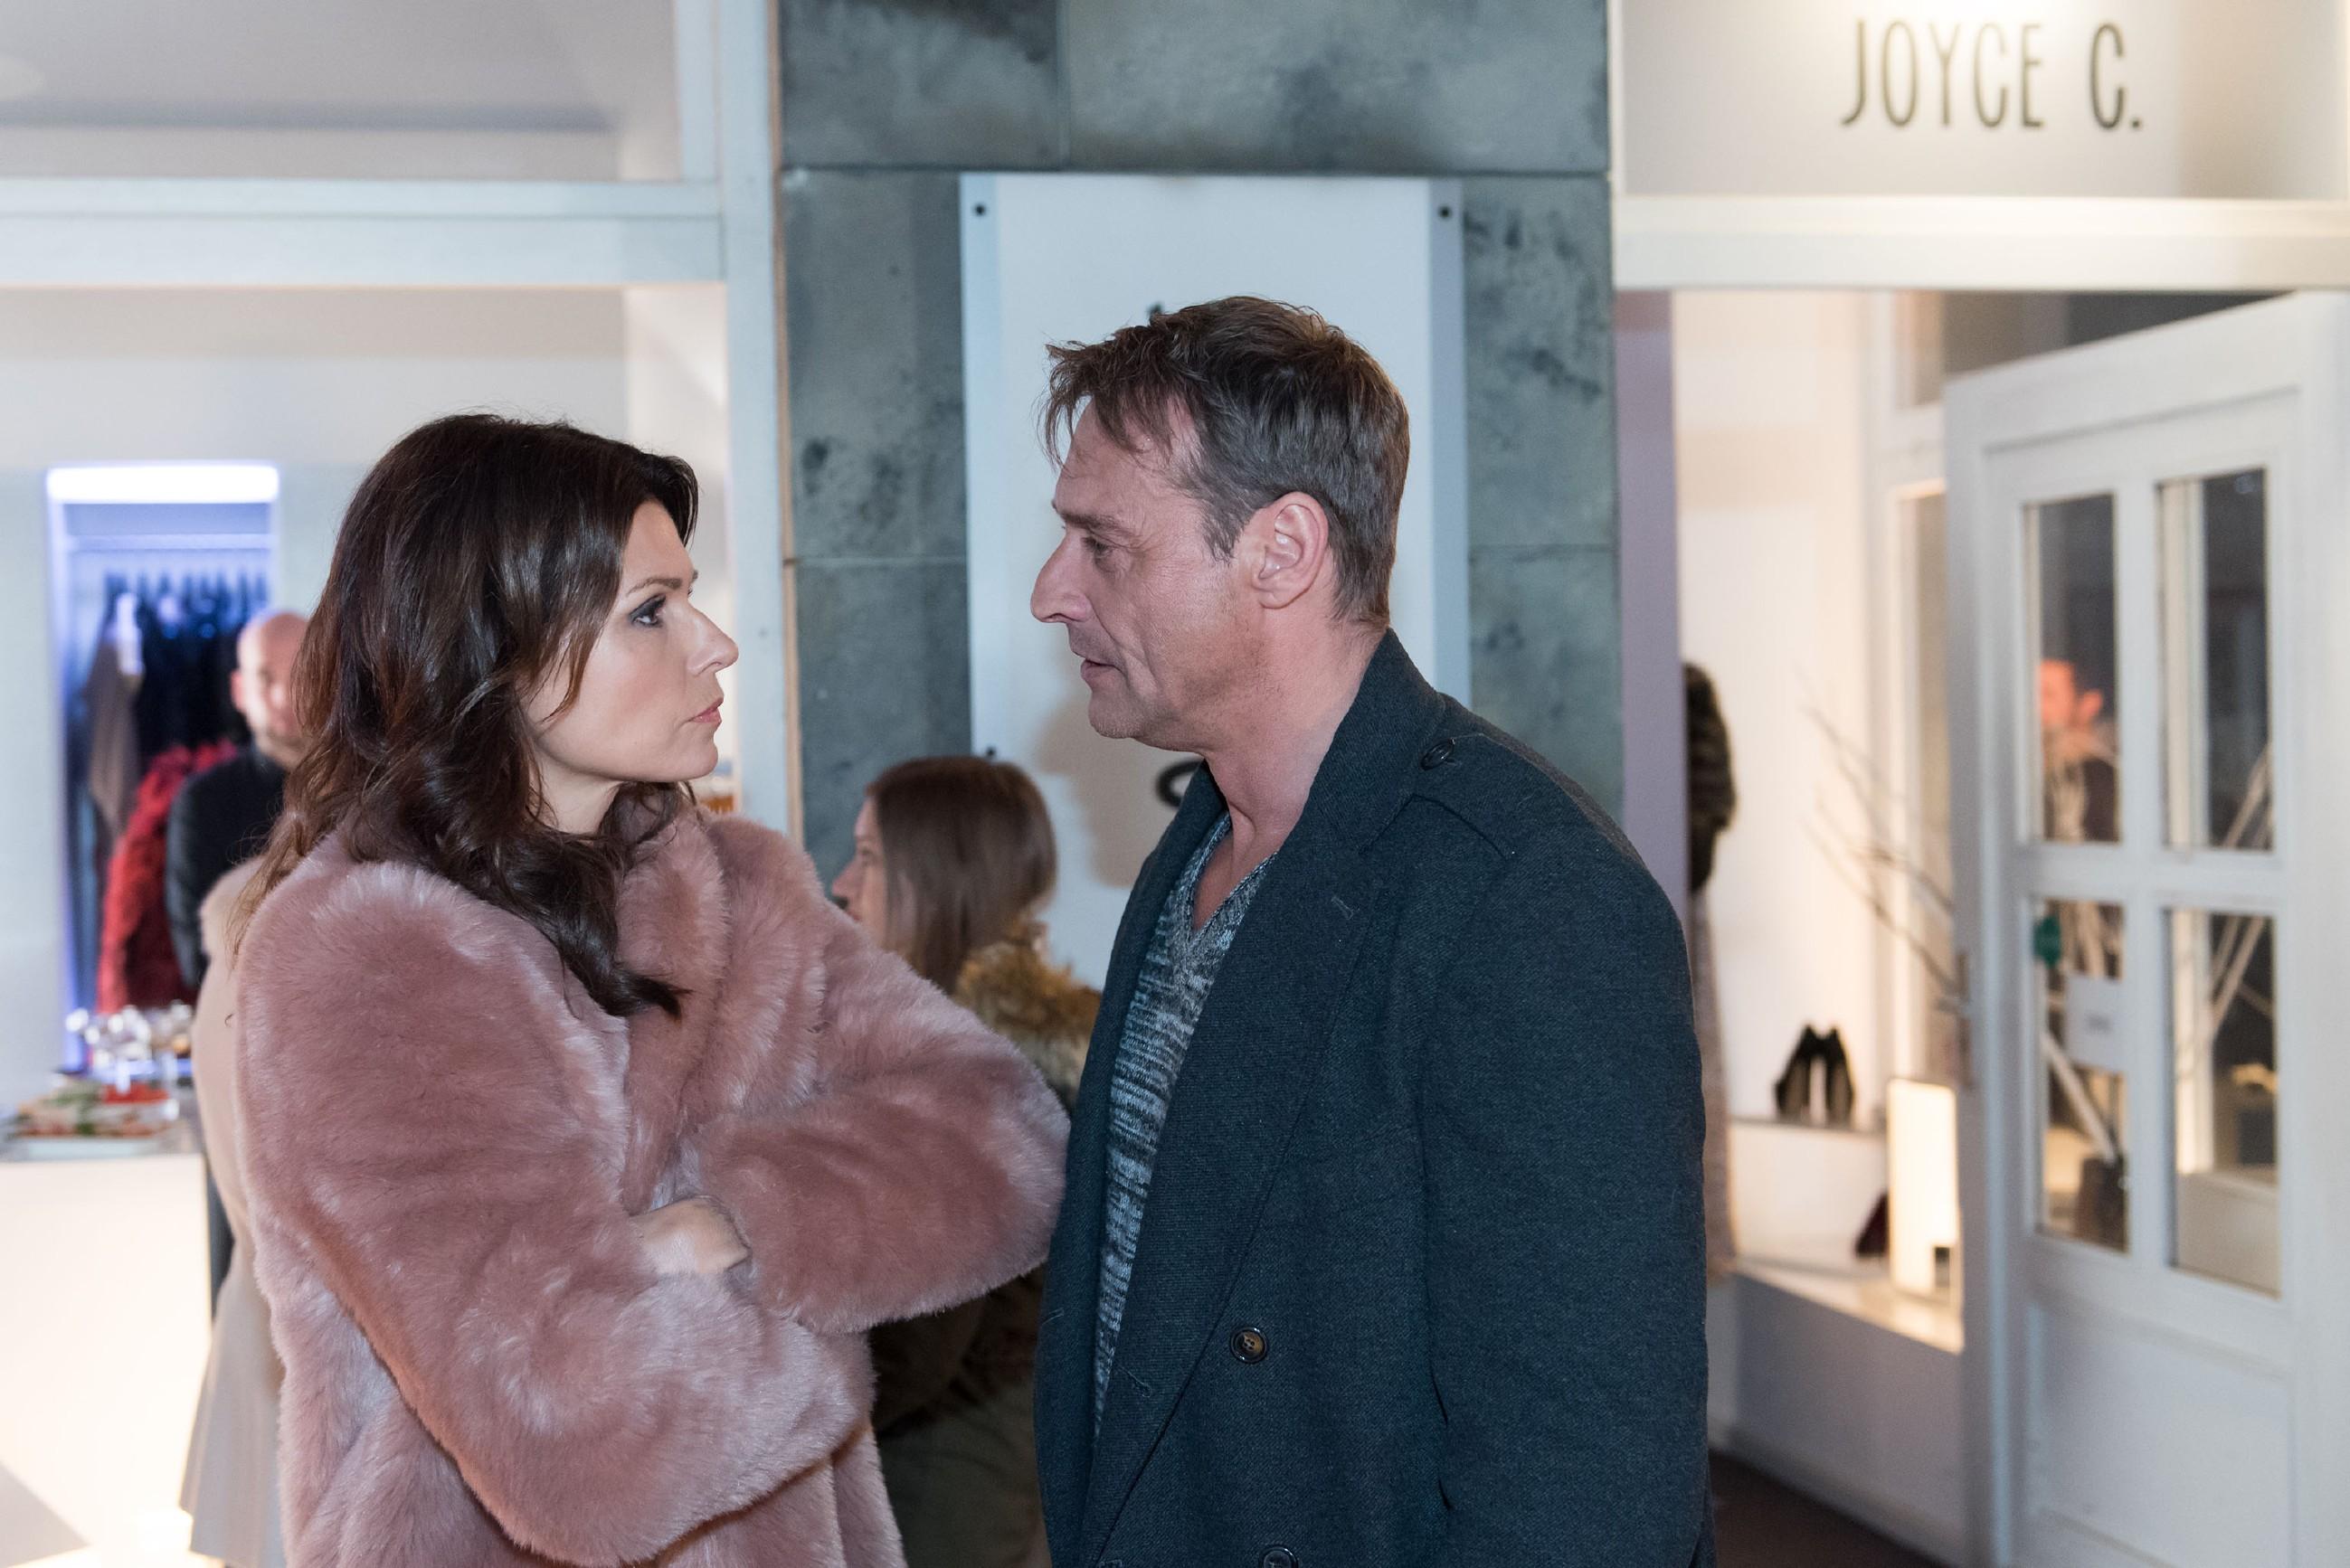 Als Rufus (Kai Noll) Britta (Tabea Heynig) wegen Lotta zur Rede stellt, ist deren Reaktion alles andere als einsichtig... (Quelle: RTL / Stefan Behrens)